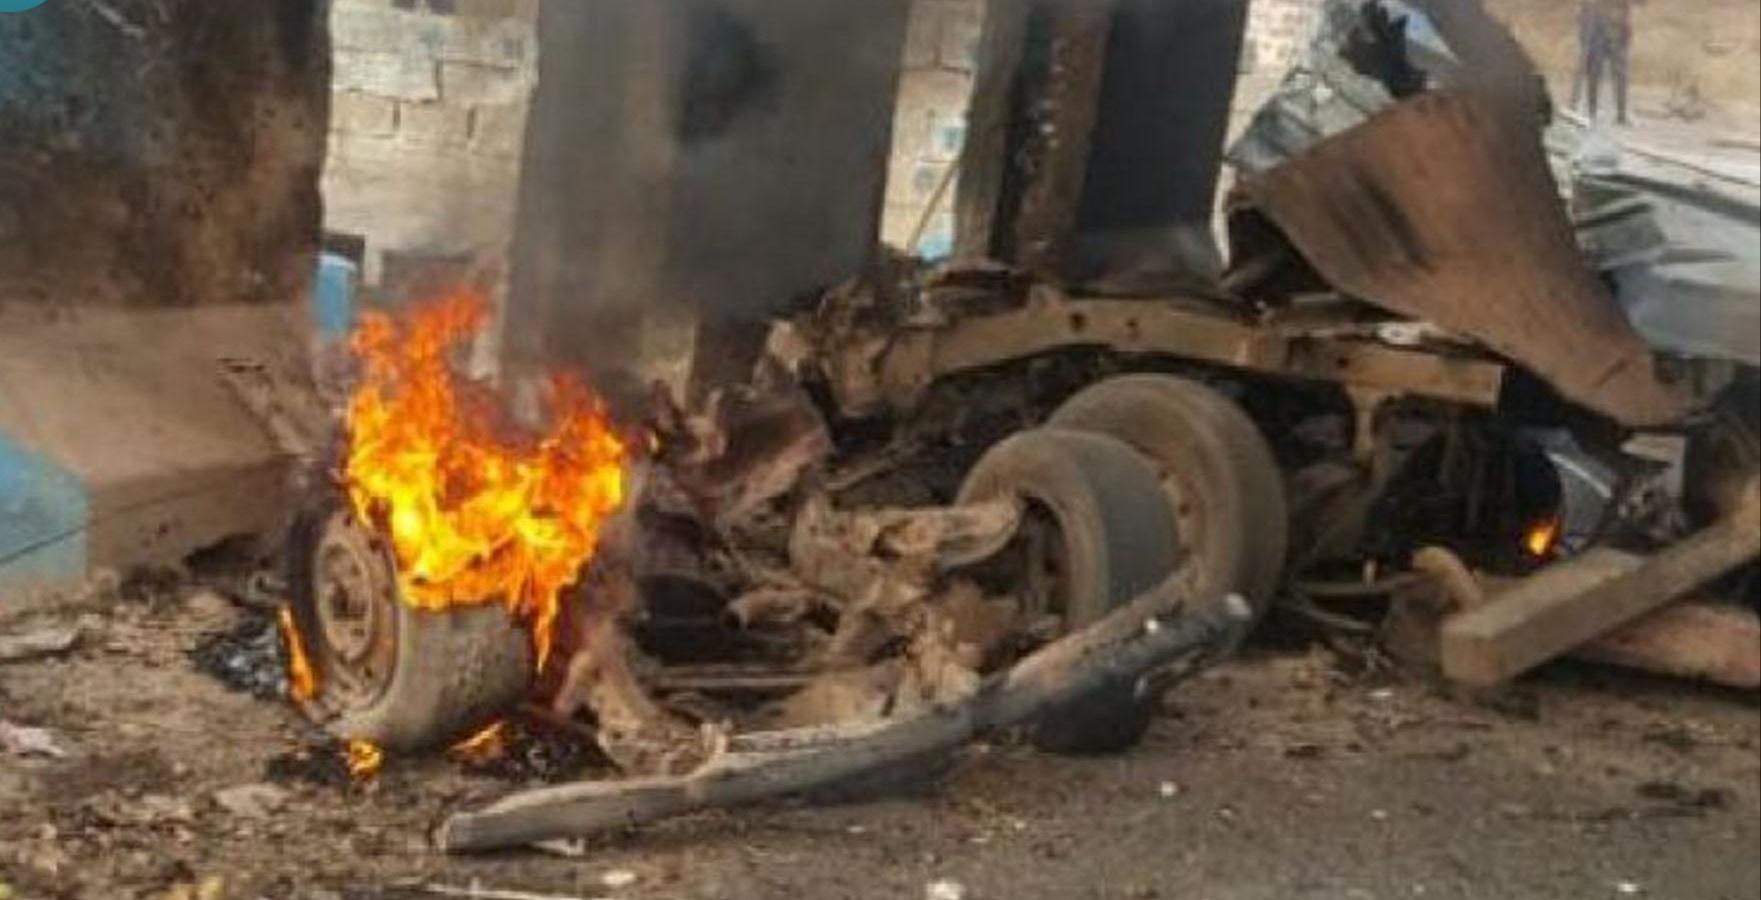 استشهاد مدنيين وعسكريين بهجوم إرهابي في ديالى وكركوك والحشد ينتشر لتعقب داعش